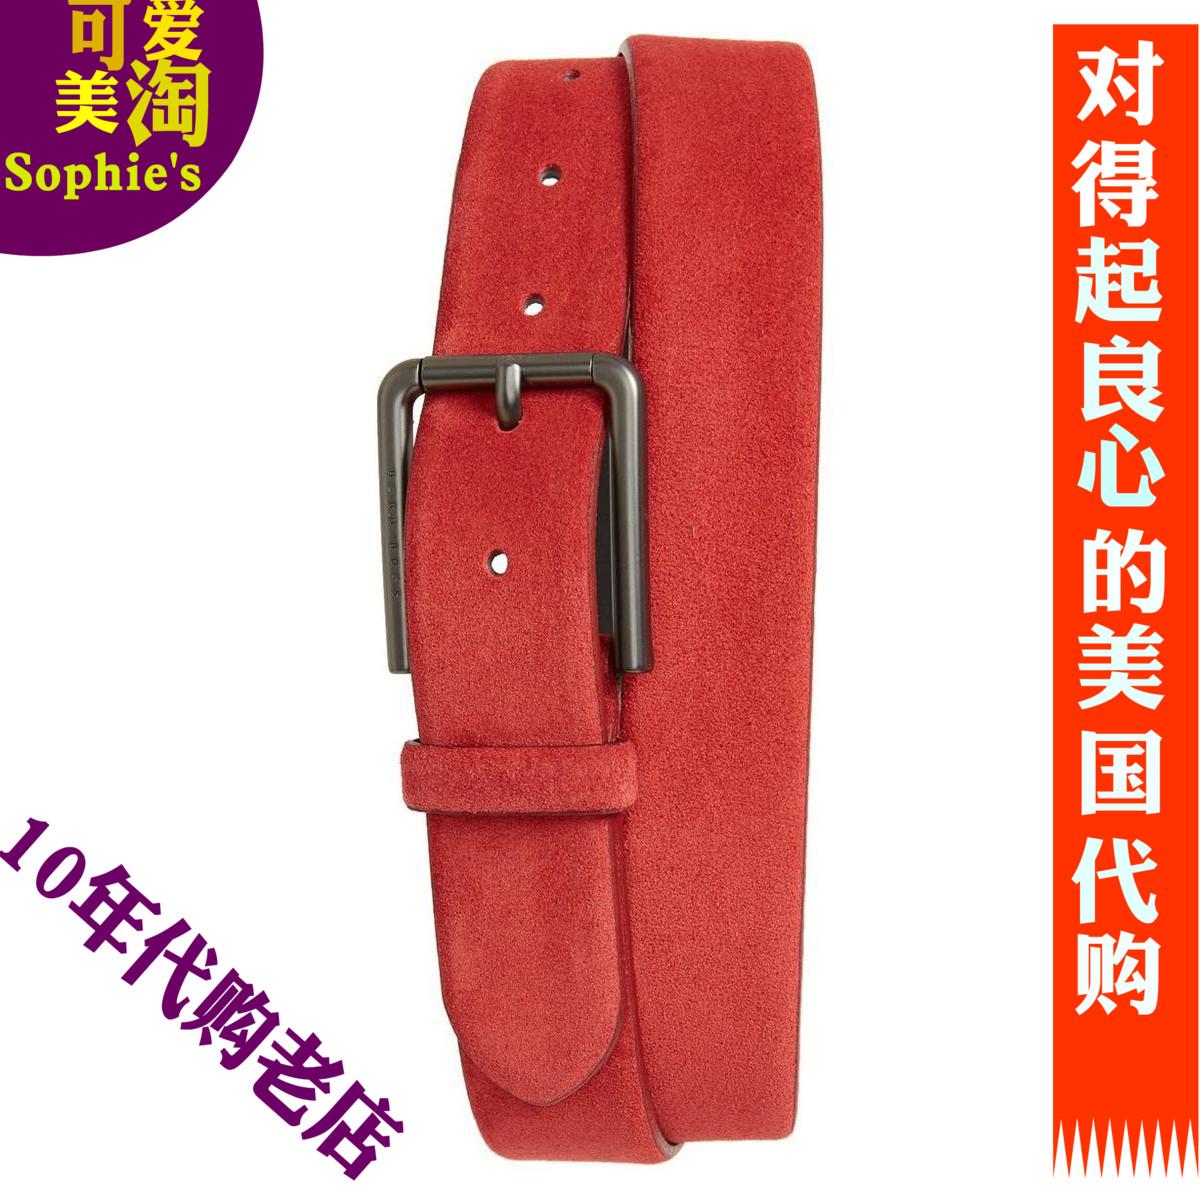 美国代购BOSS男士皮带牛皮针扣商务皮带男腰带裤带